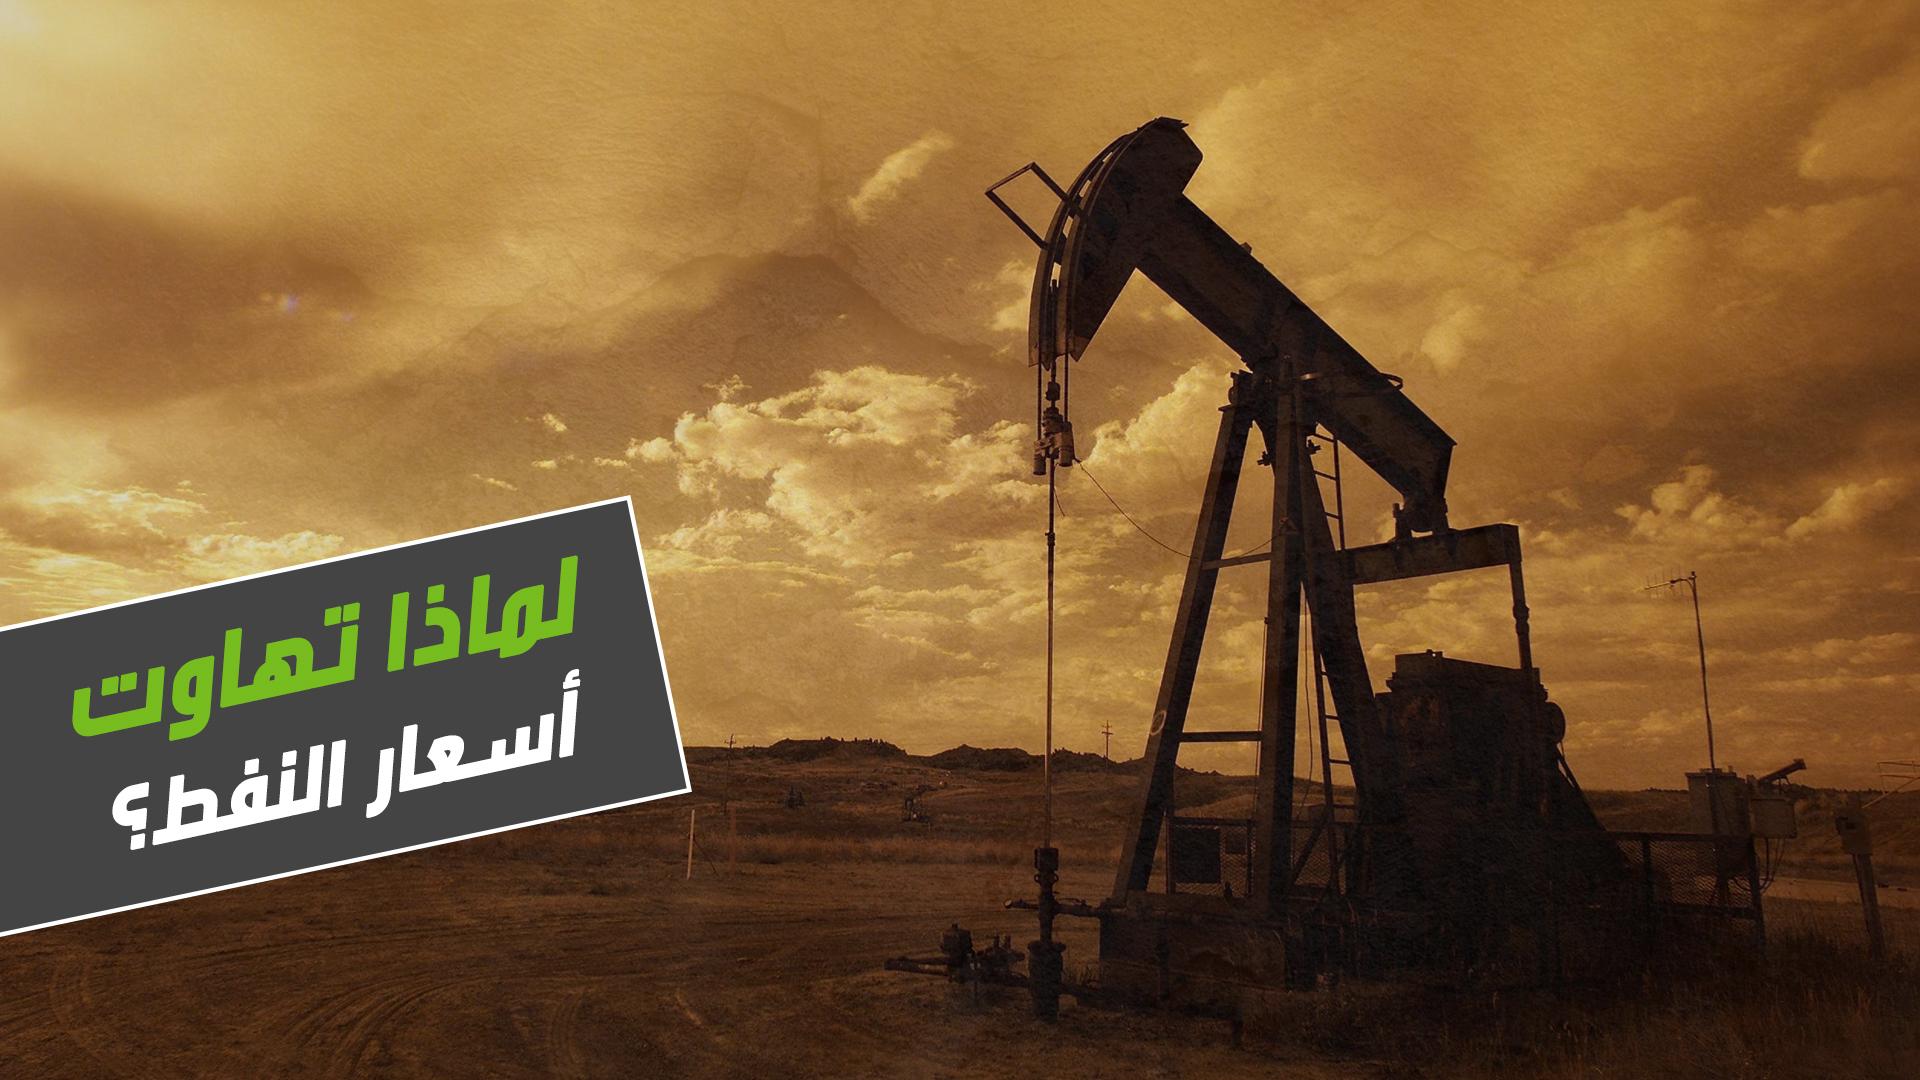 لماذا تهاوت أسعار النفط؟